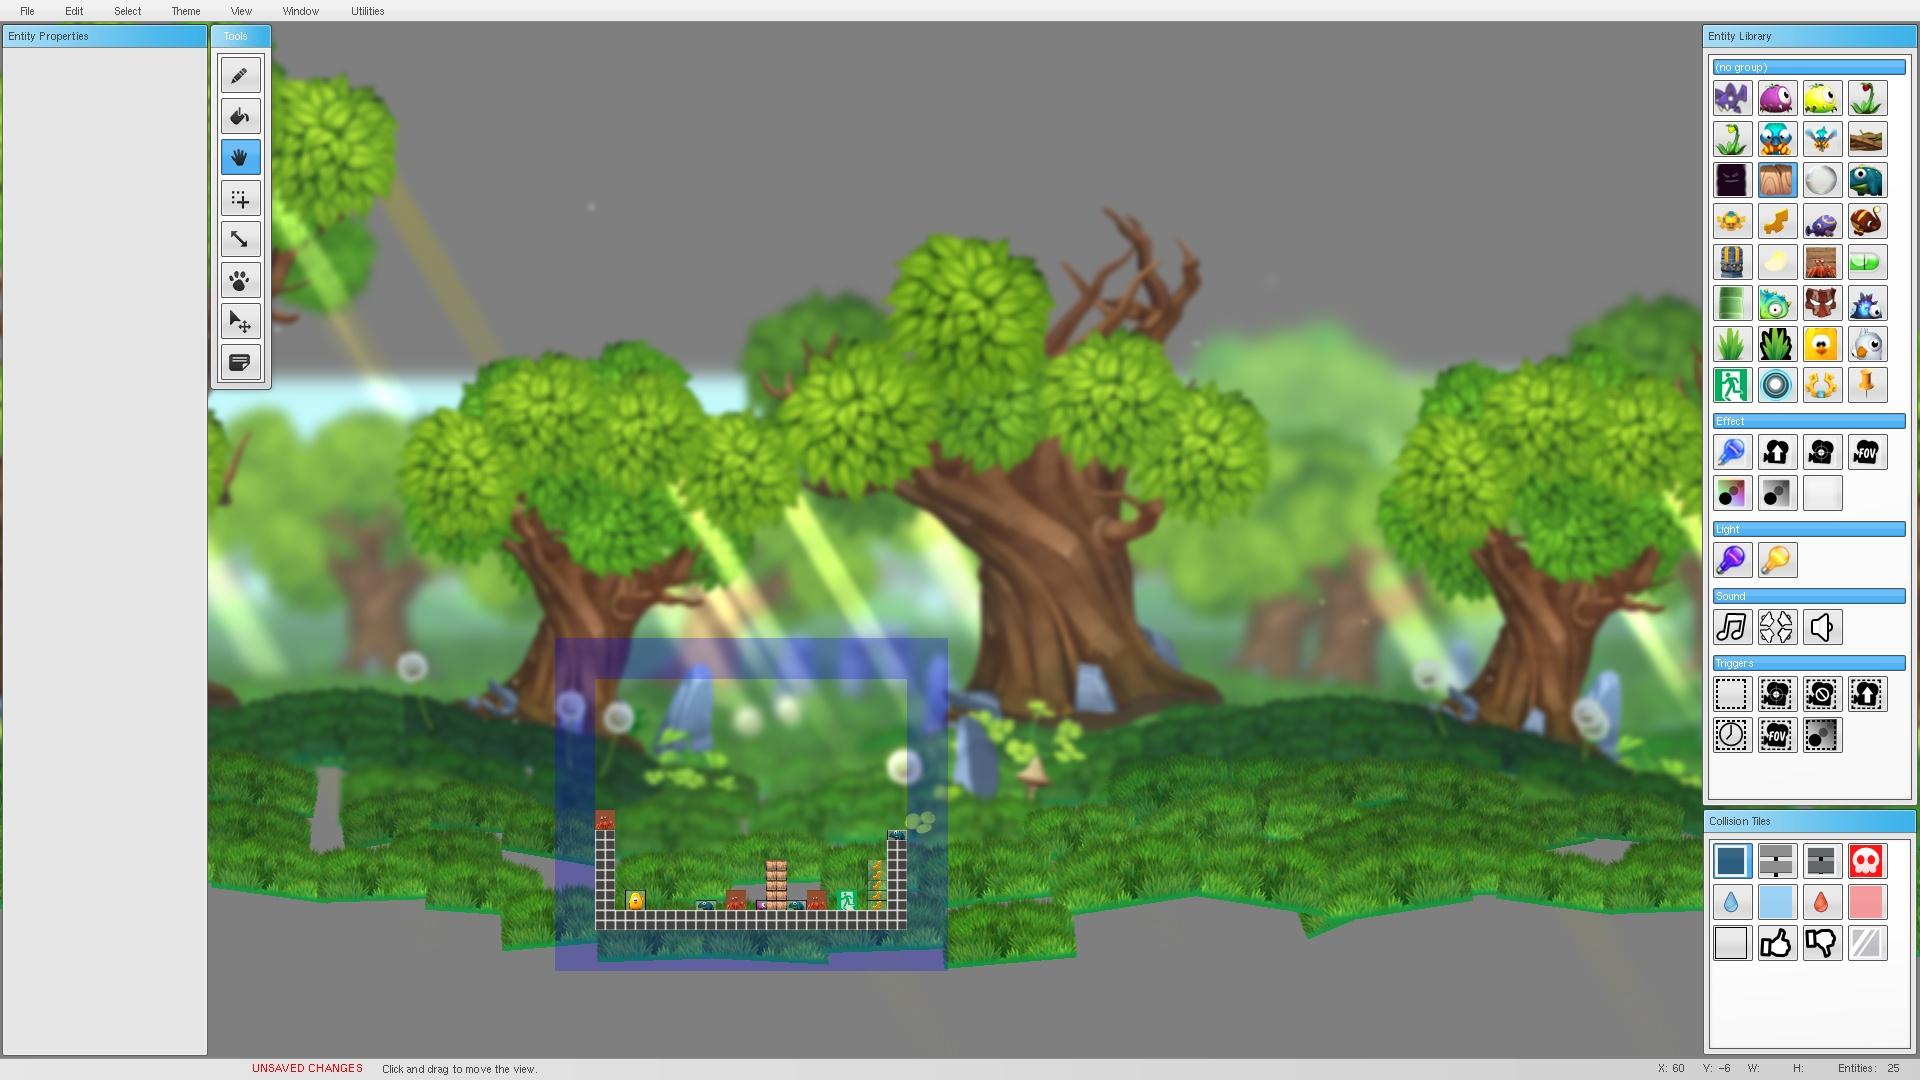 Владельцам PC и Mac повезло: в Steam продают расширенное изданиеToki Tori 2+, с редактором уровней и рядом мелких улучшений. Почему Two Tribes лишила всего этого обладателей версии для Wii U, остается только гадать.